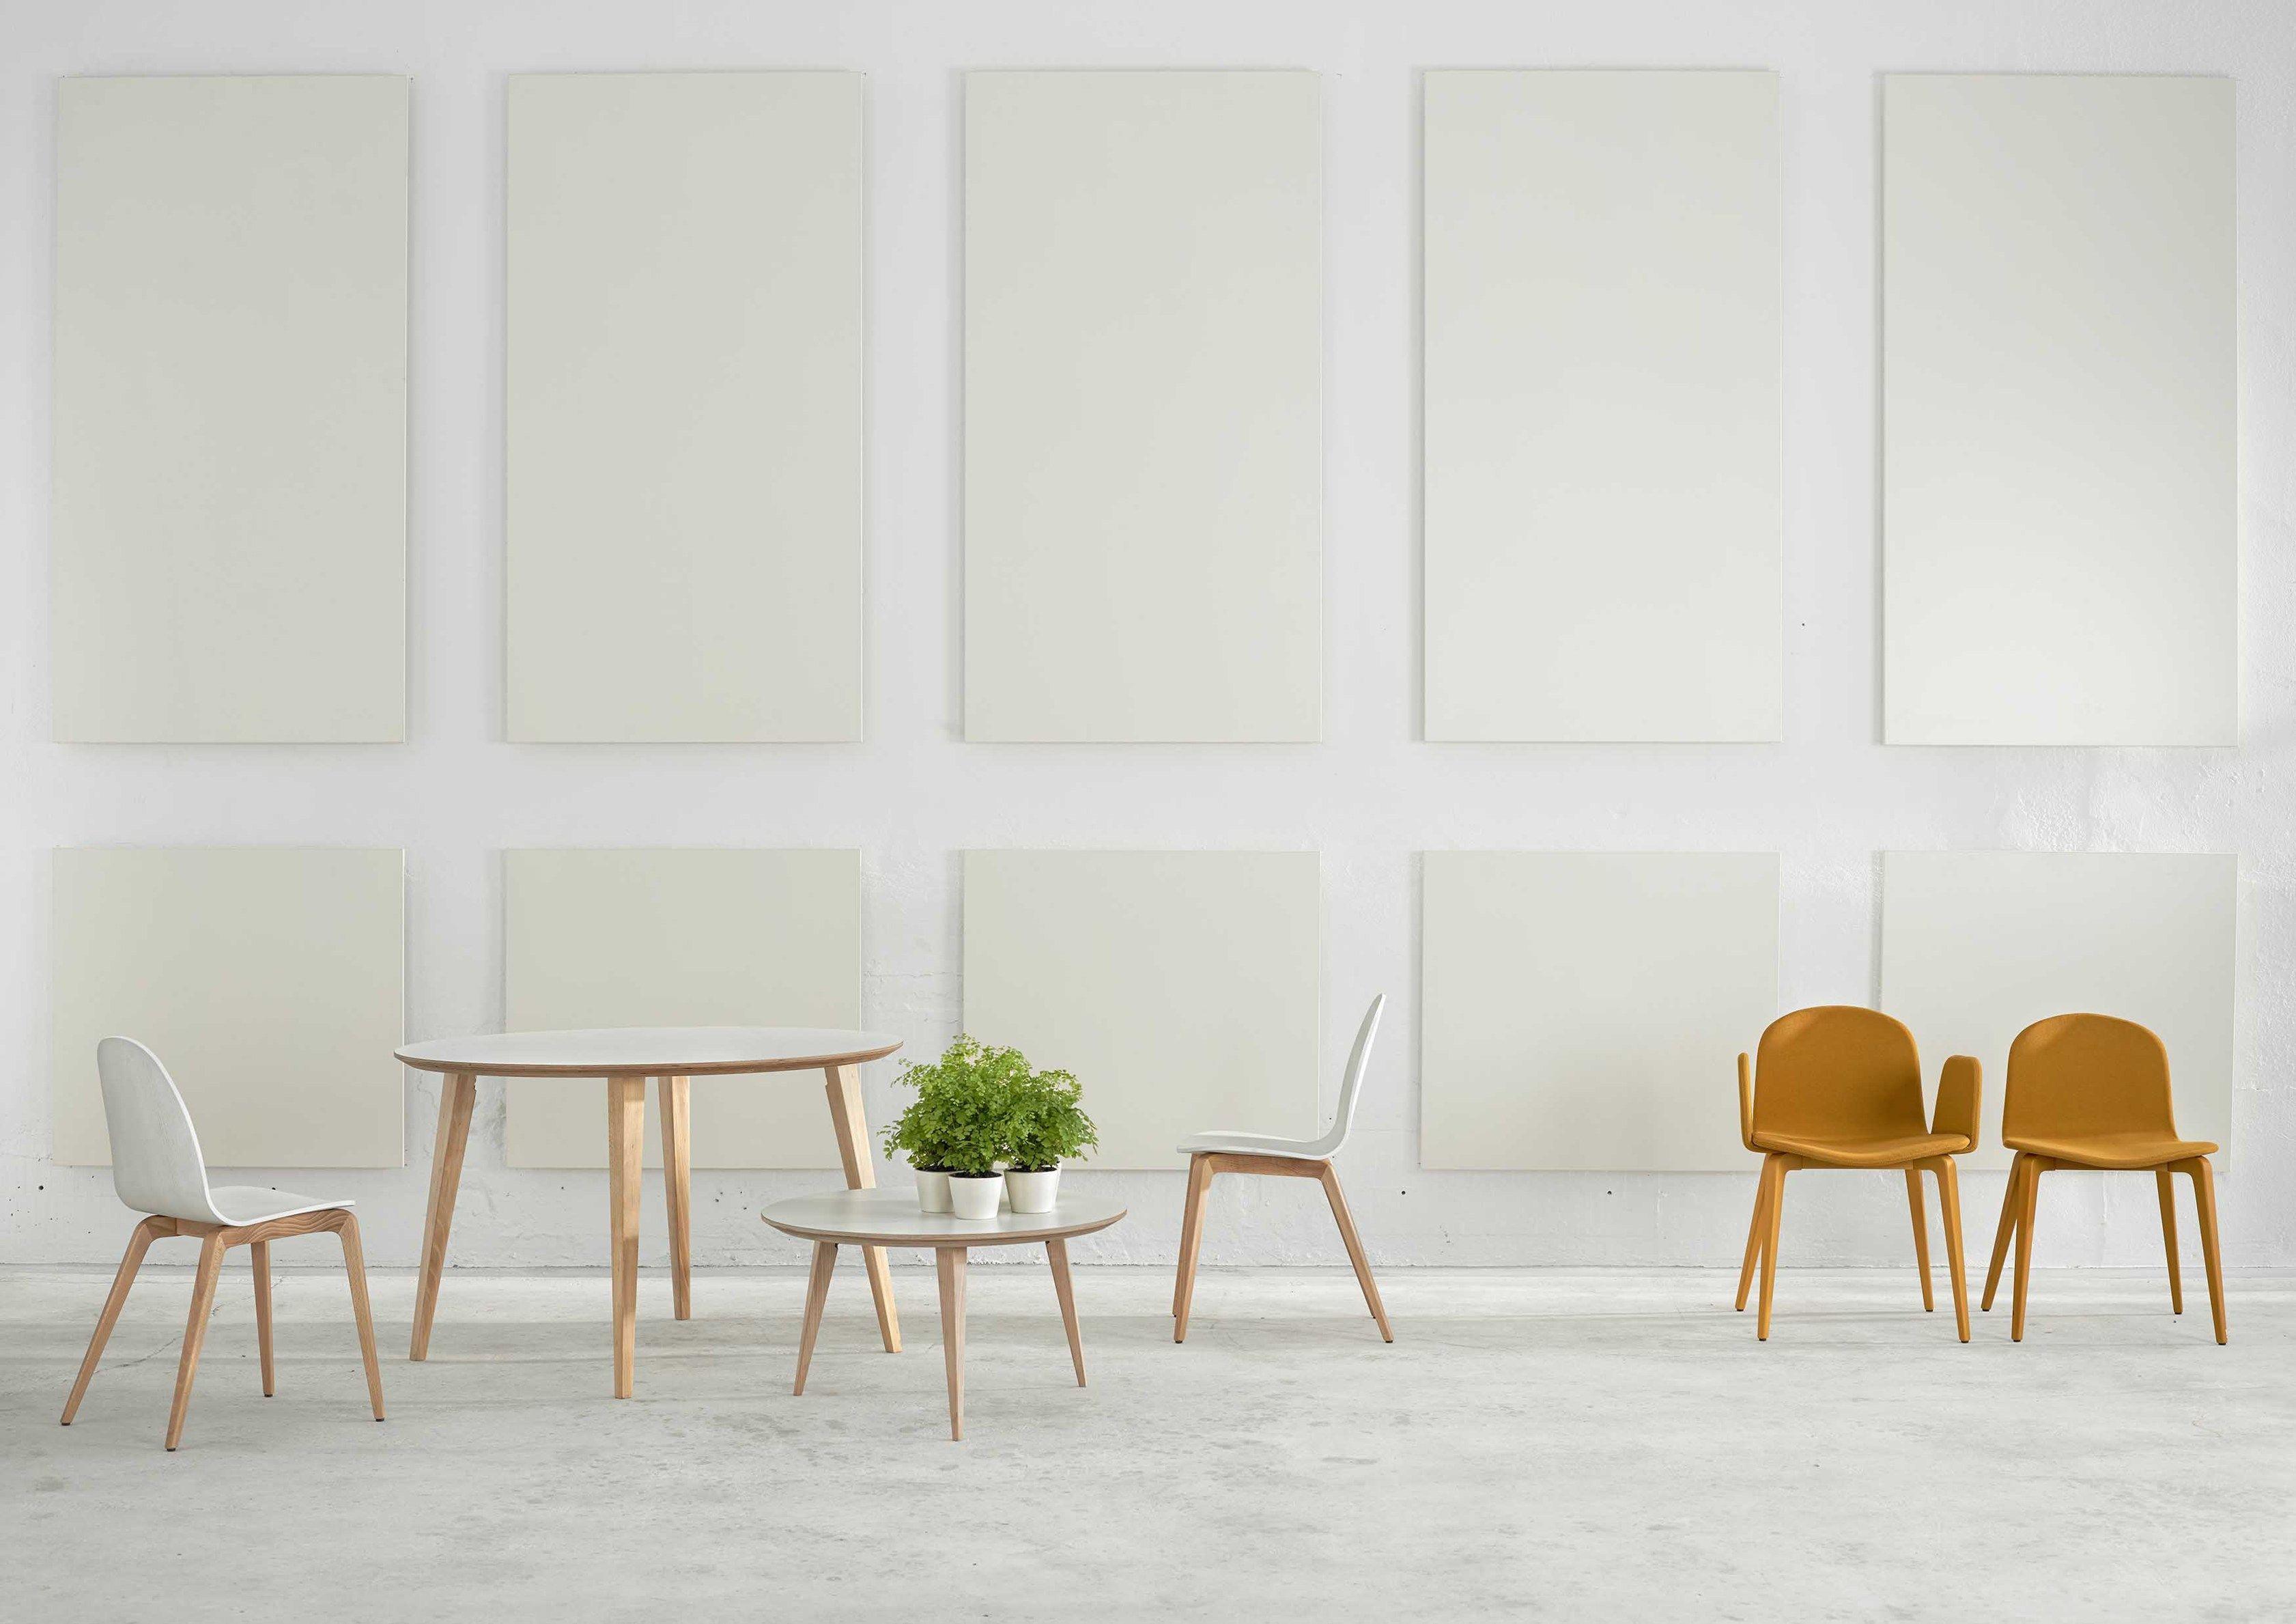 Cadeira de madeira BOB WOOD by ONDARRETA design Ondarreta Team #794909 3363x2378